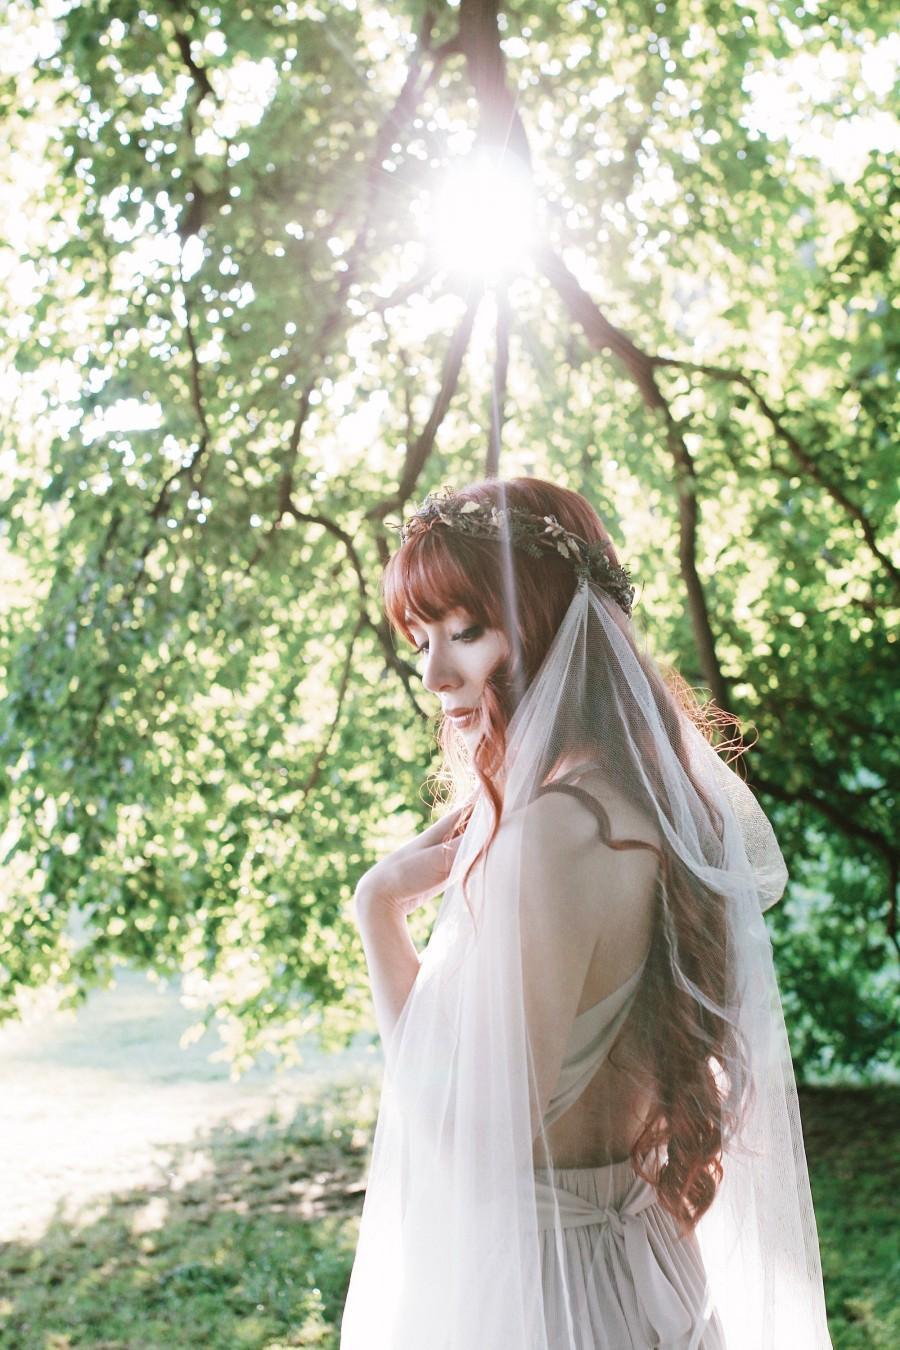 Wedding - Woodland wedding headpiece with veil, Boho bridal crown, Rustic wedding veil, Twig crown, Waltz length, Medieval hair wreath, leafy circlet